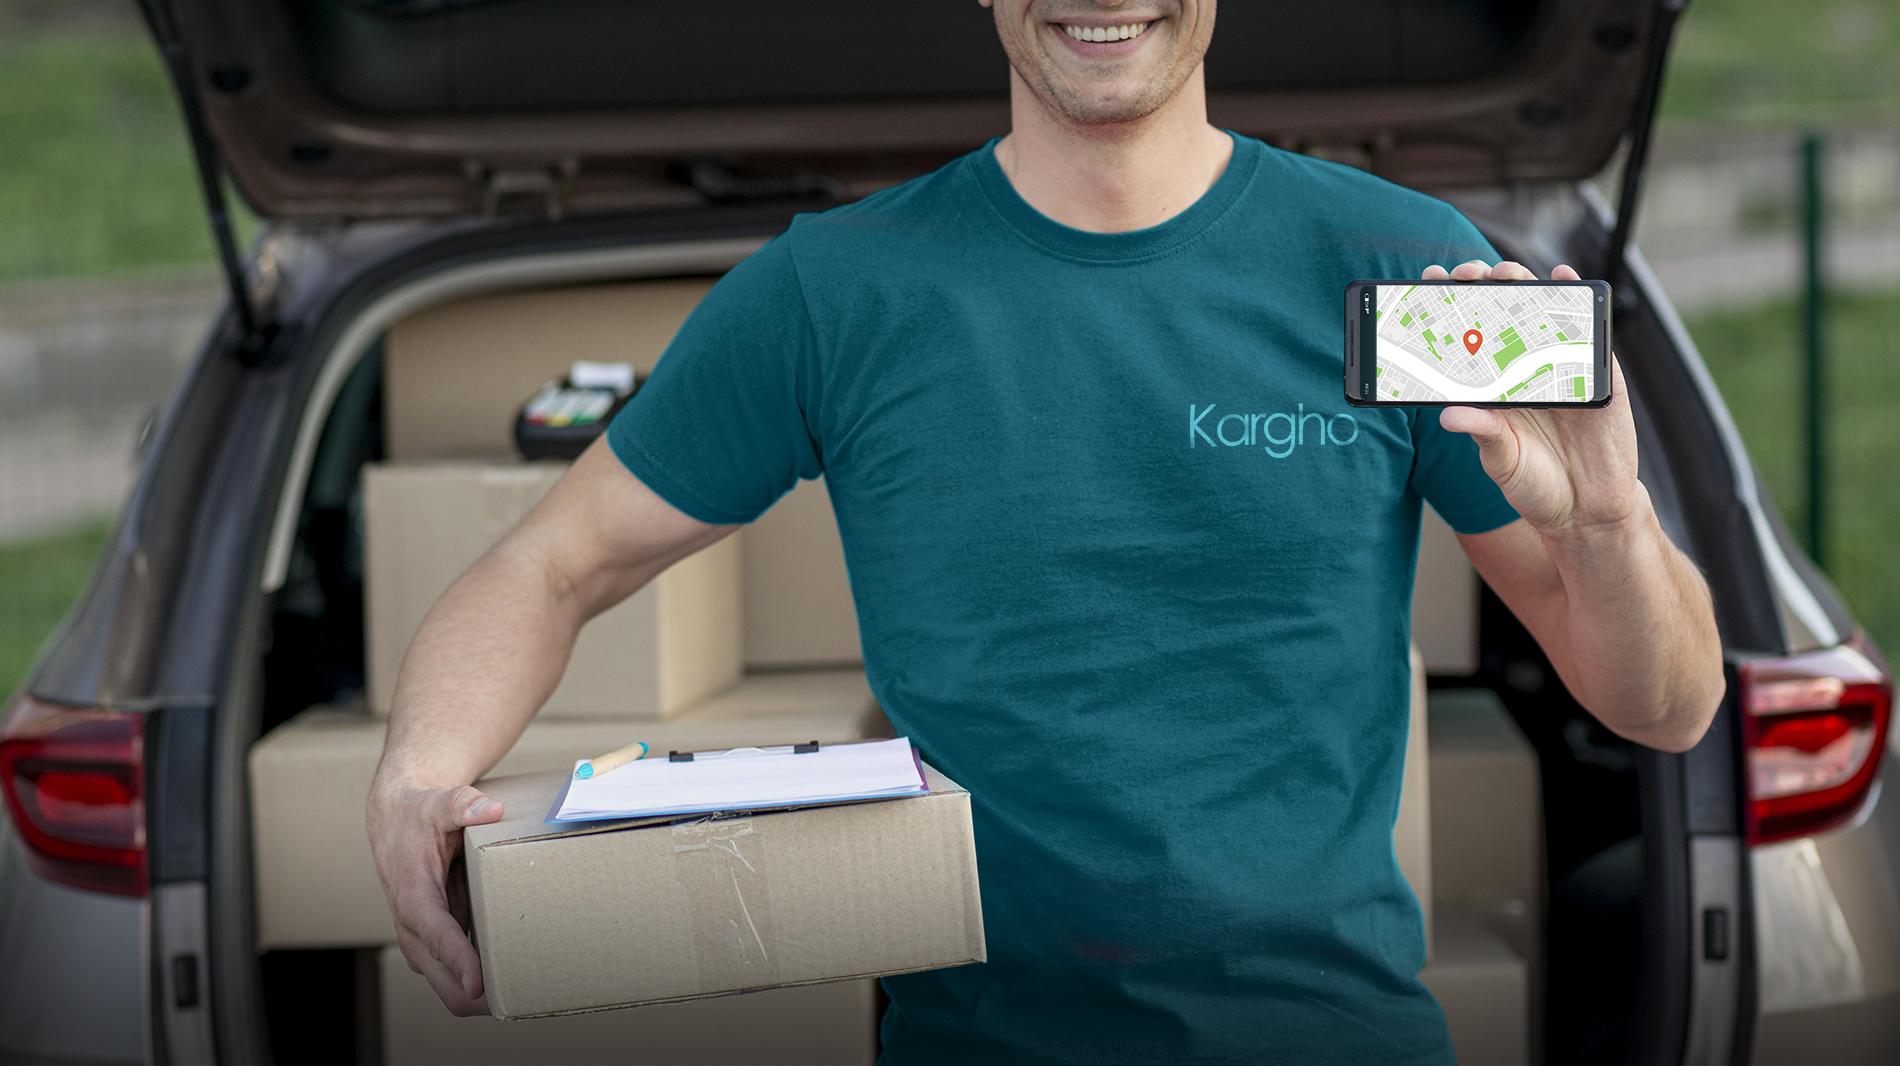 Kargho, es la plataforma y app pensada para unir a dos partes interesadas con el fin de alcanzar un mejor negocio